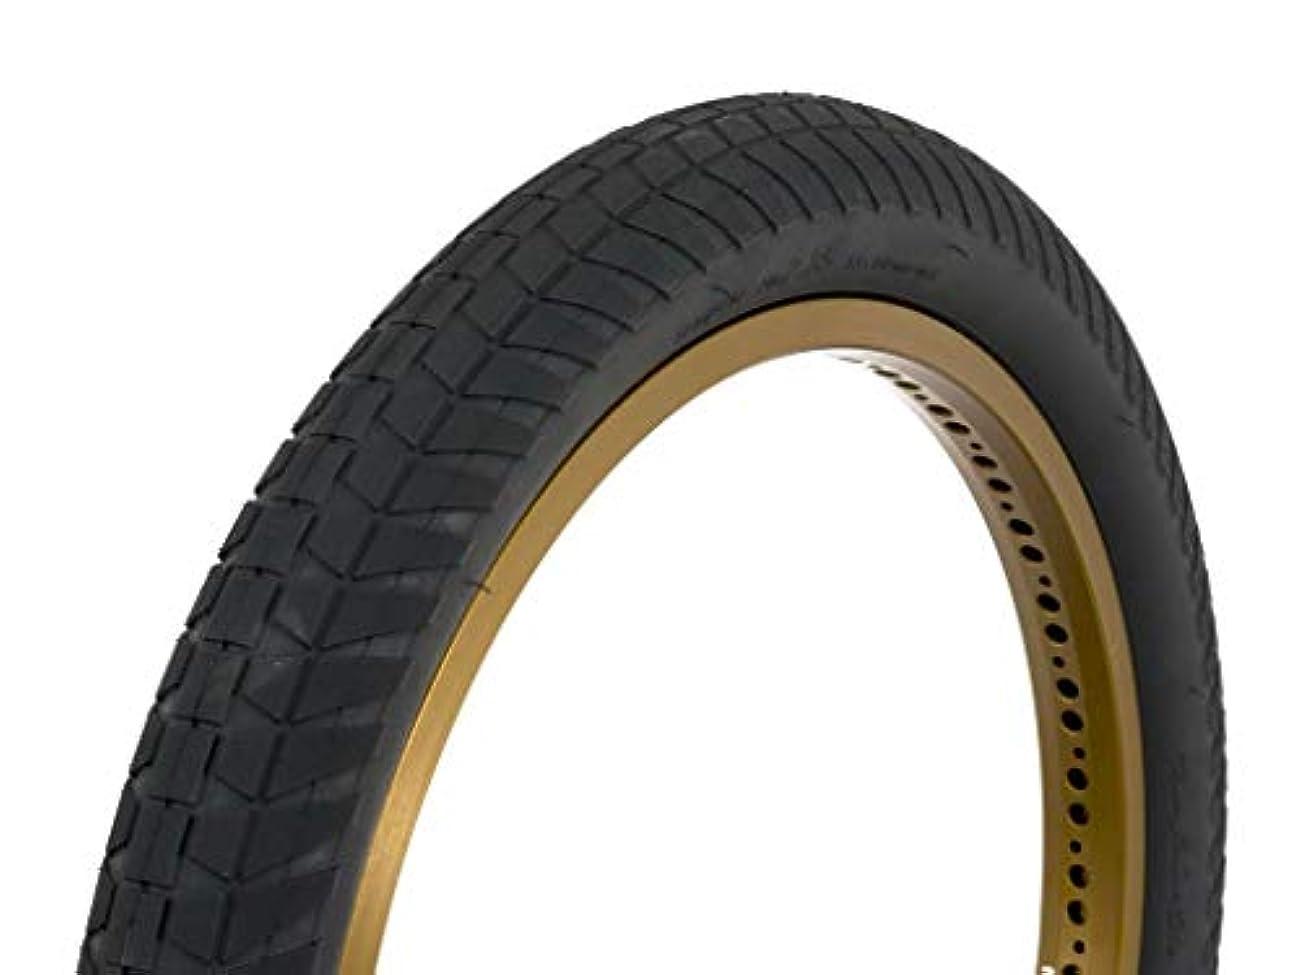 ネーピアコーラスみなすFlybikes Rampera タイヤ 20 x 2.15 ブラック